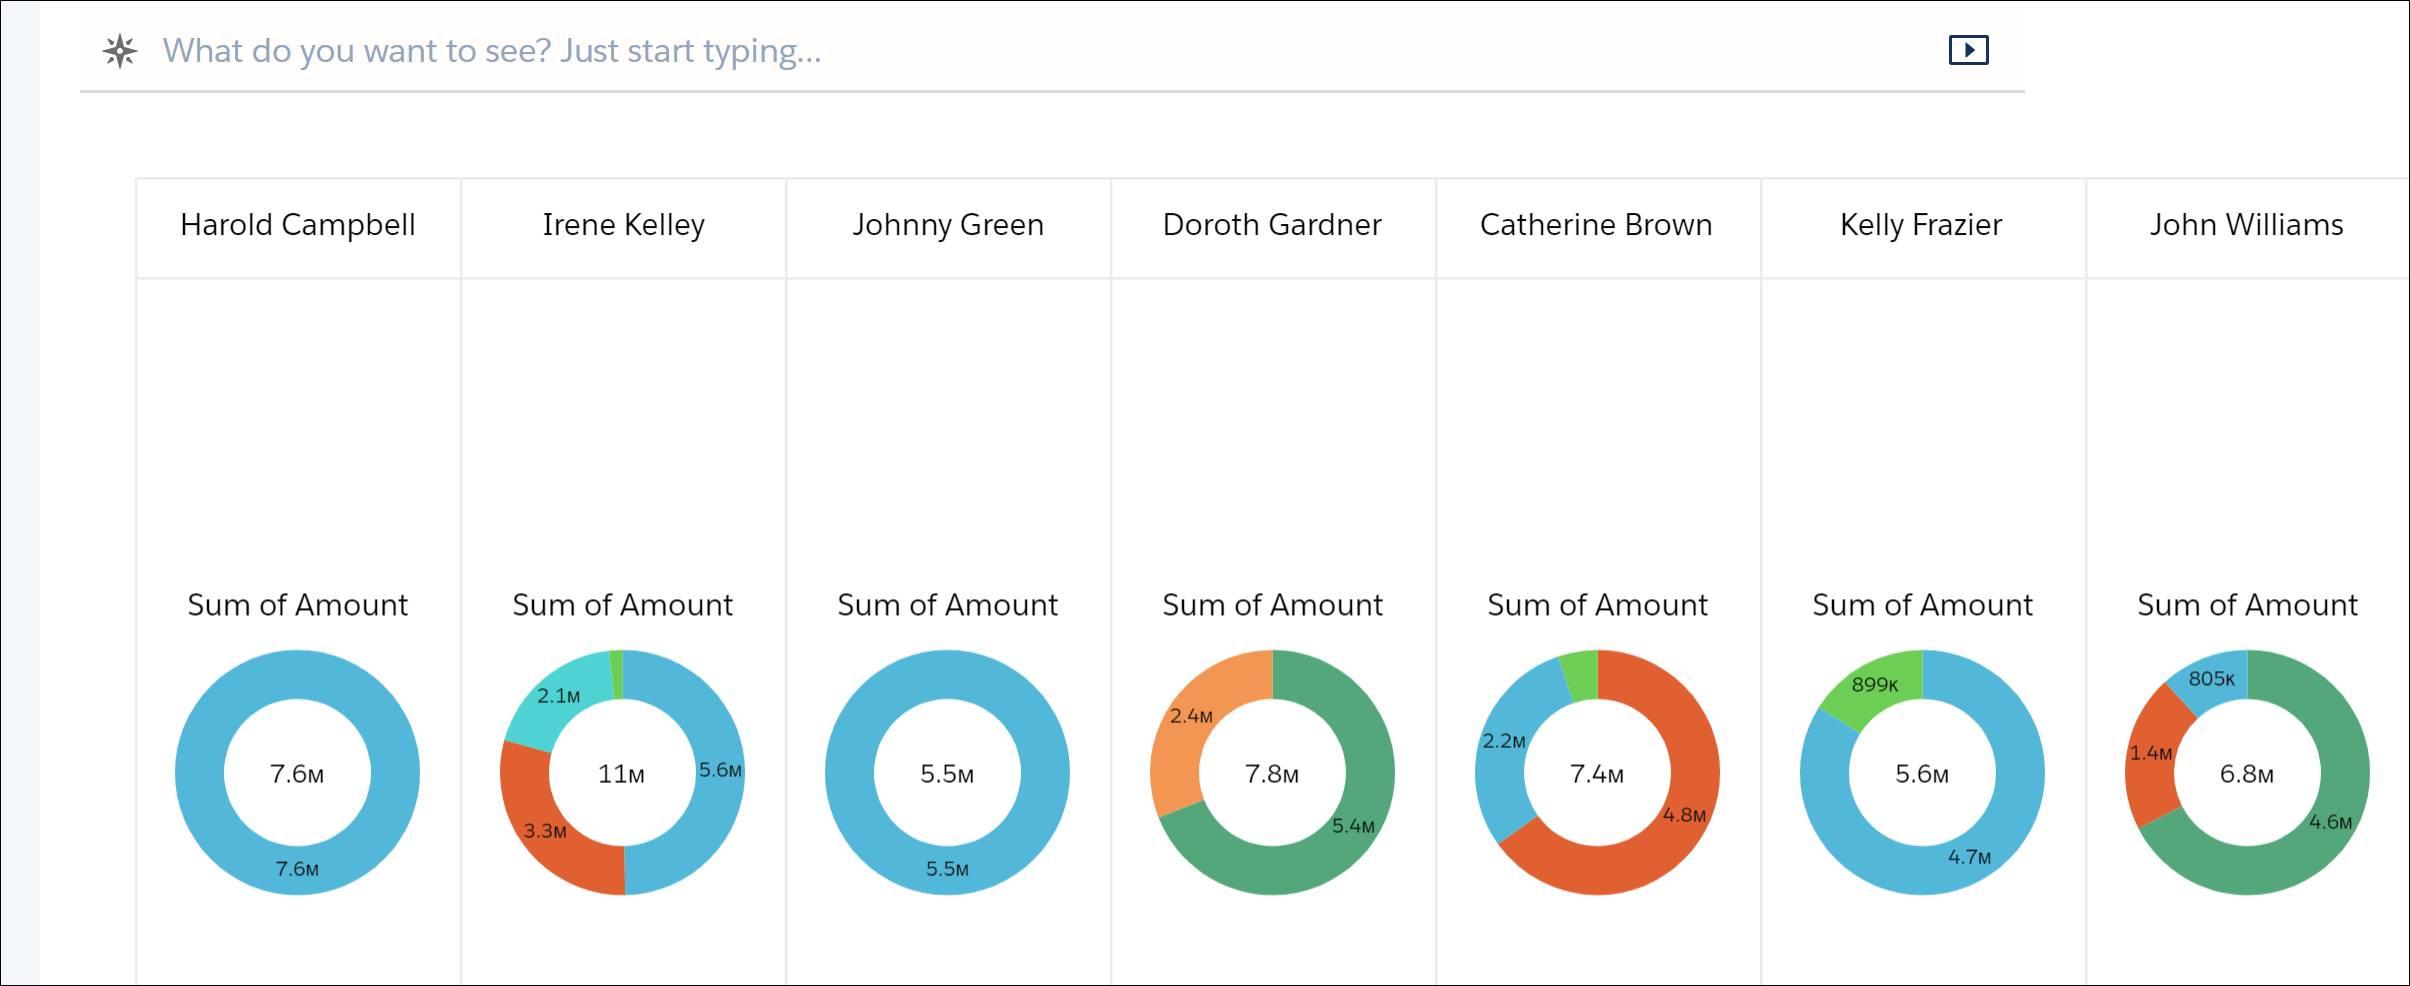 Visualisierung der Abfrage, die in eine Reihe von Ringdiagrammen geändert wurde